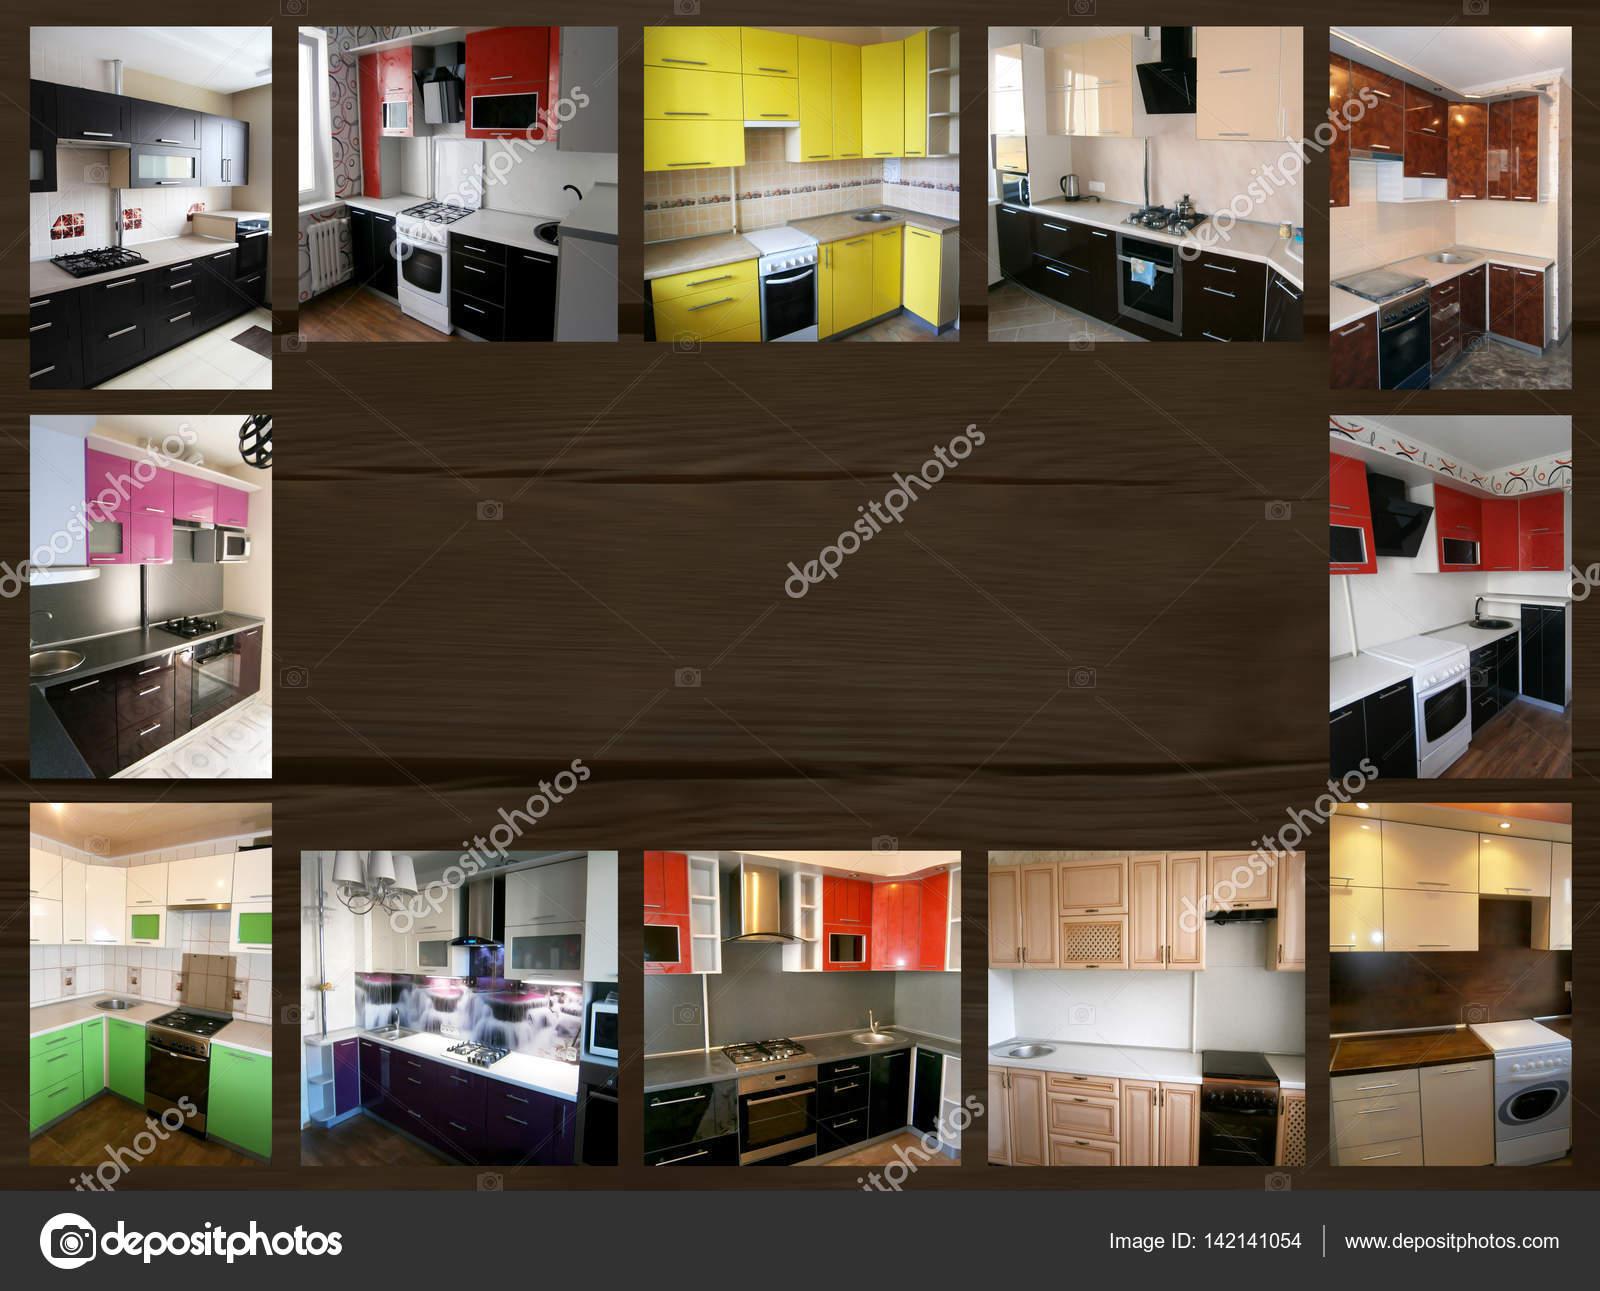 Collage zum Thema Möbel. Küche — Stockfoto © markasia #142141054